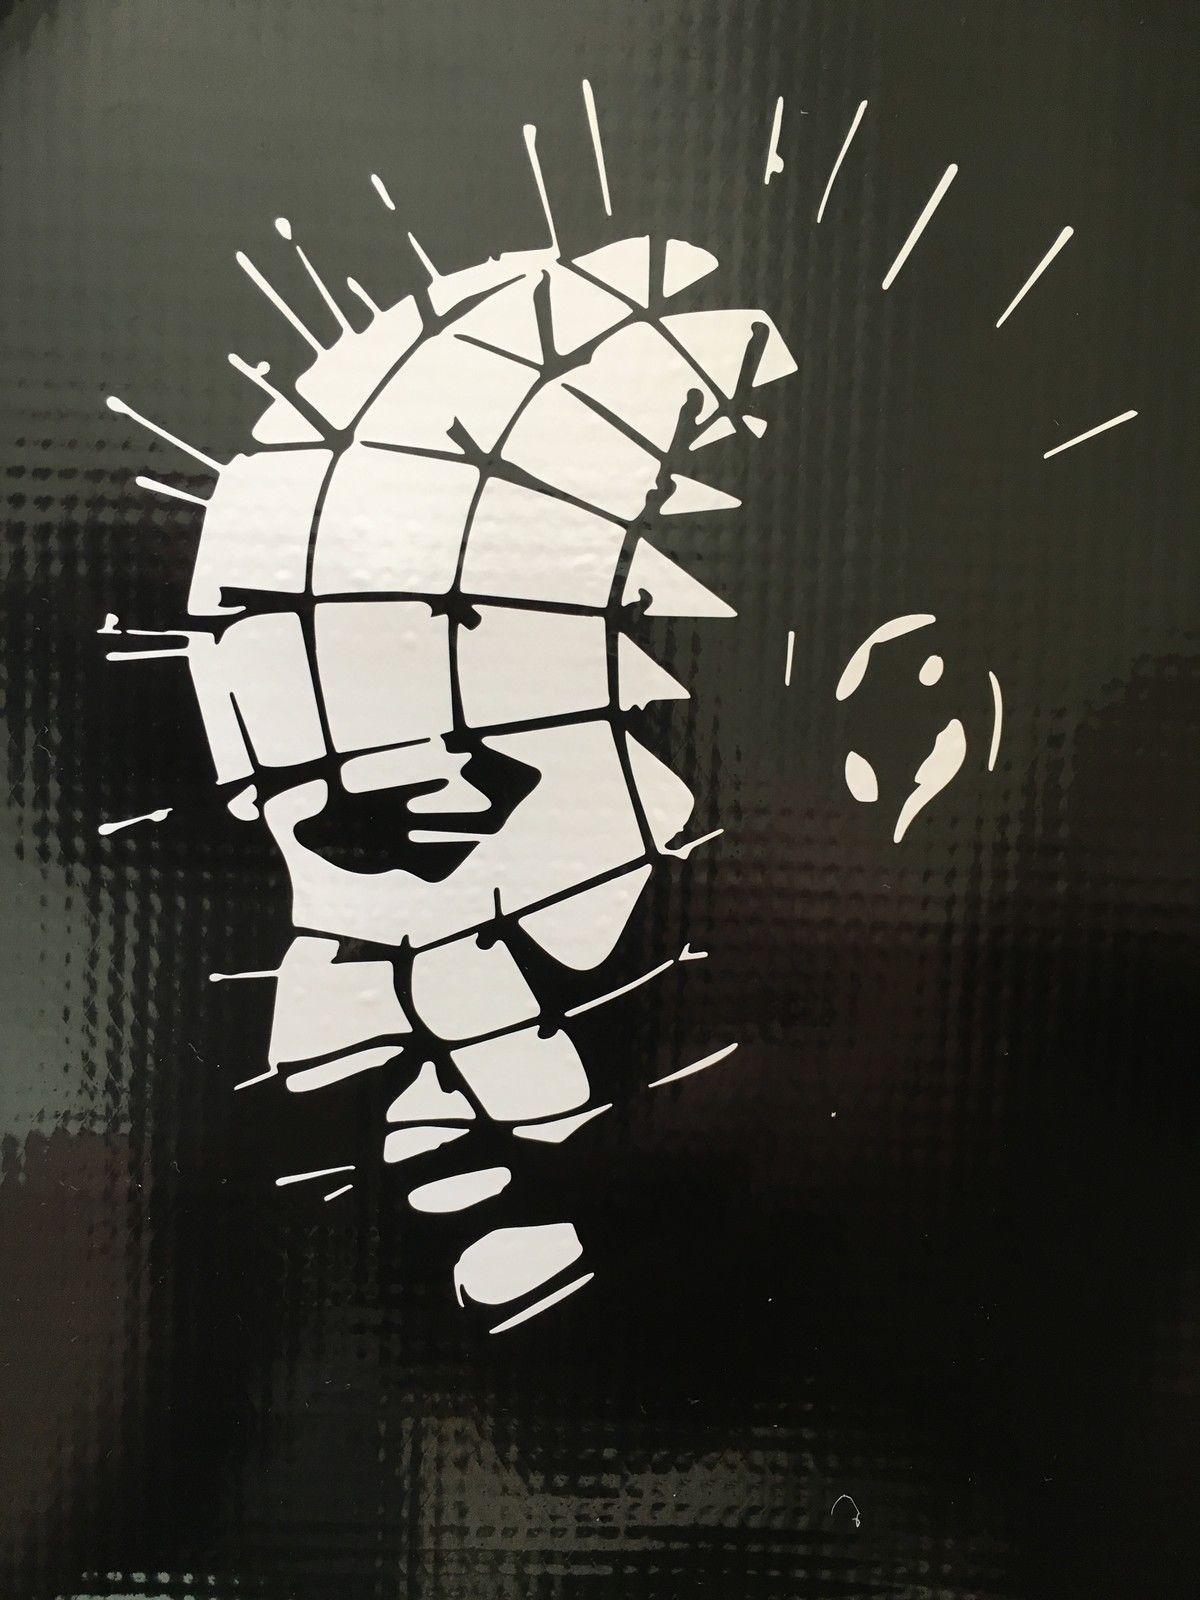 Hellraiser Pinhead Horror Halloween Decal Sticker Vinyl